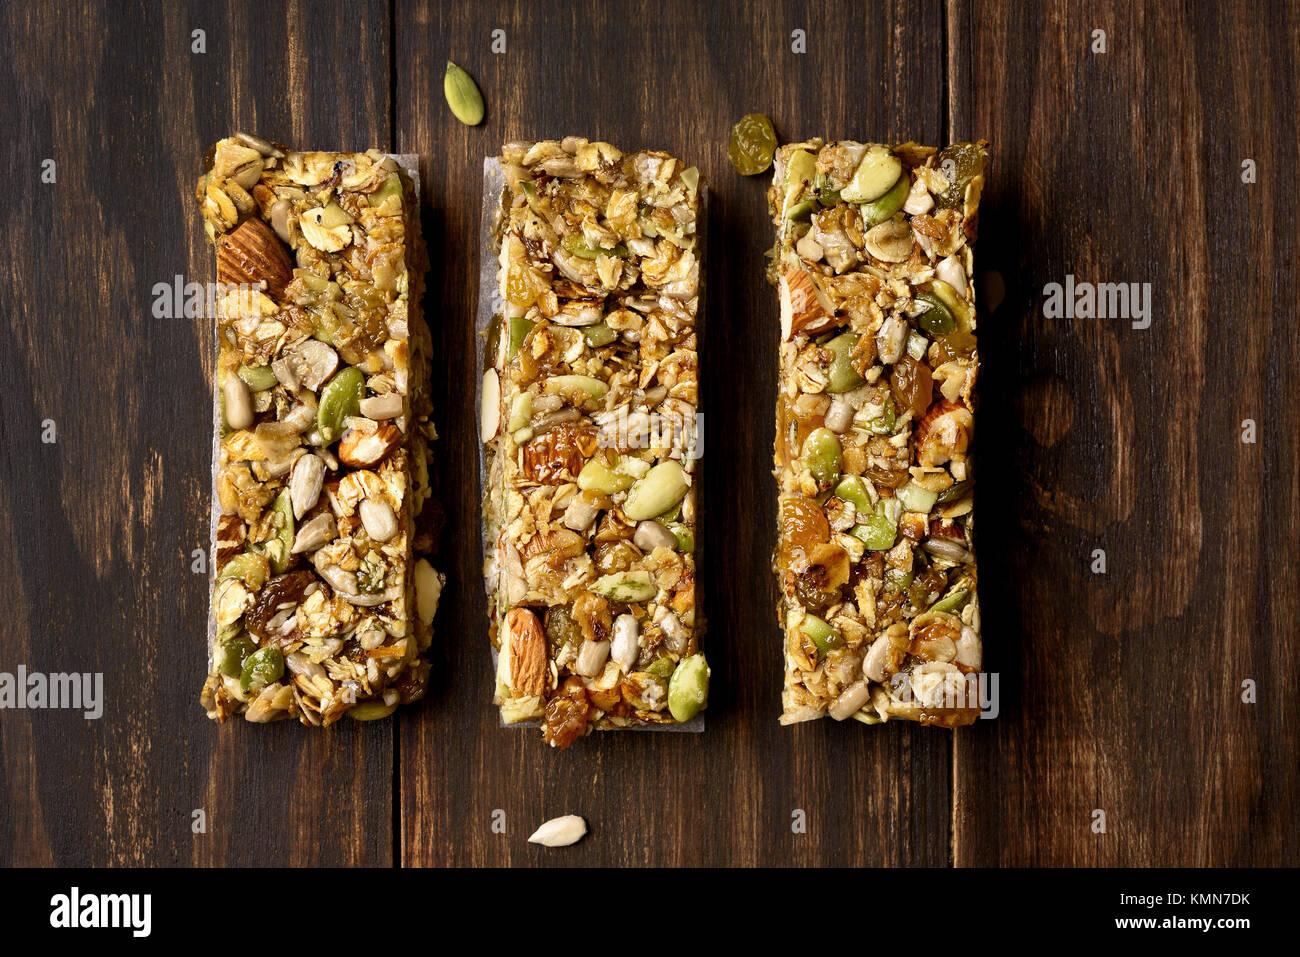 Barres de céréales. Snack-énergie sur fond de bois. Haut de la vue, télévision jeter de Photo Stock